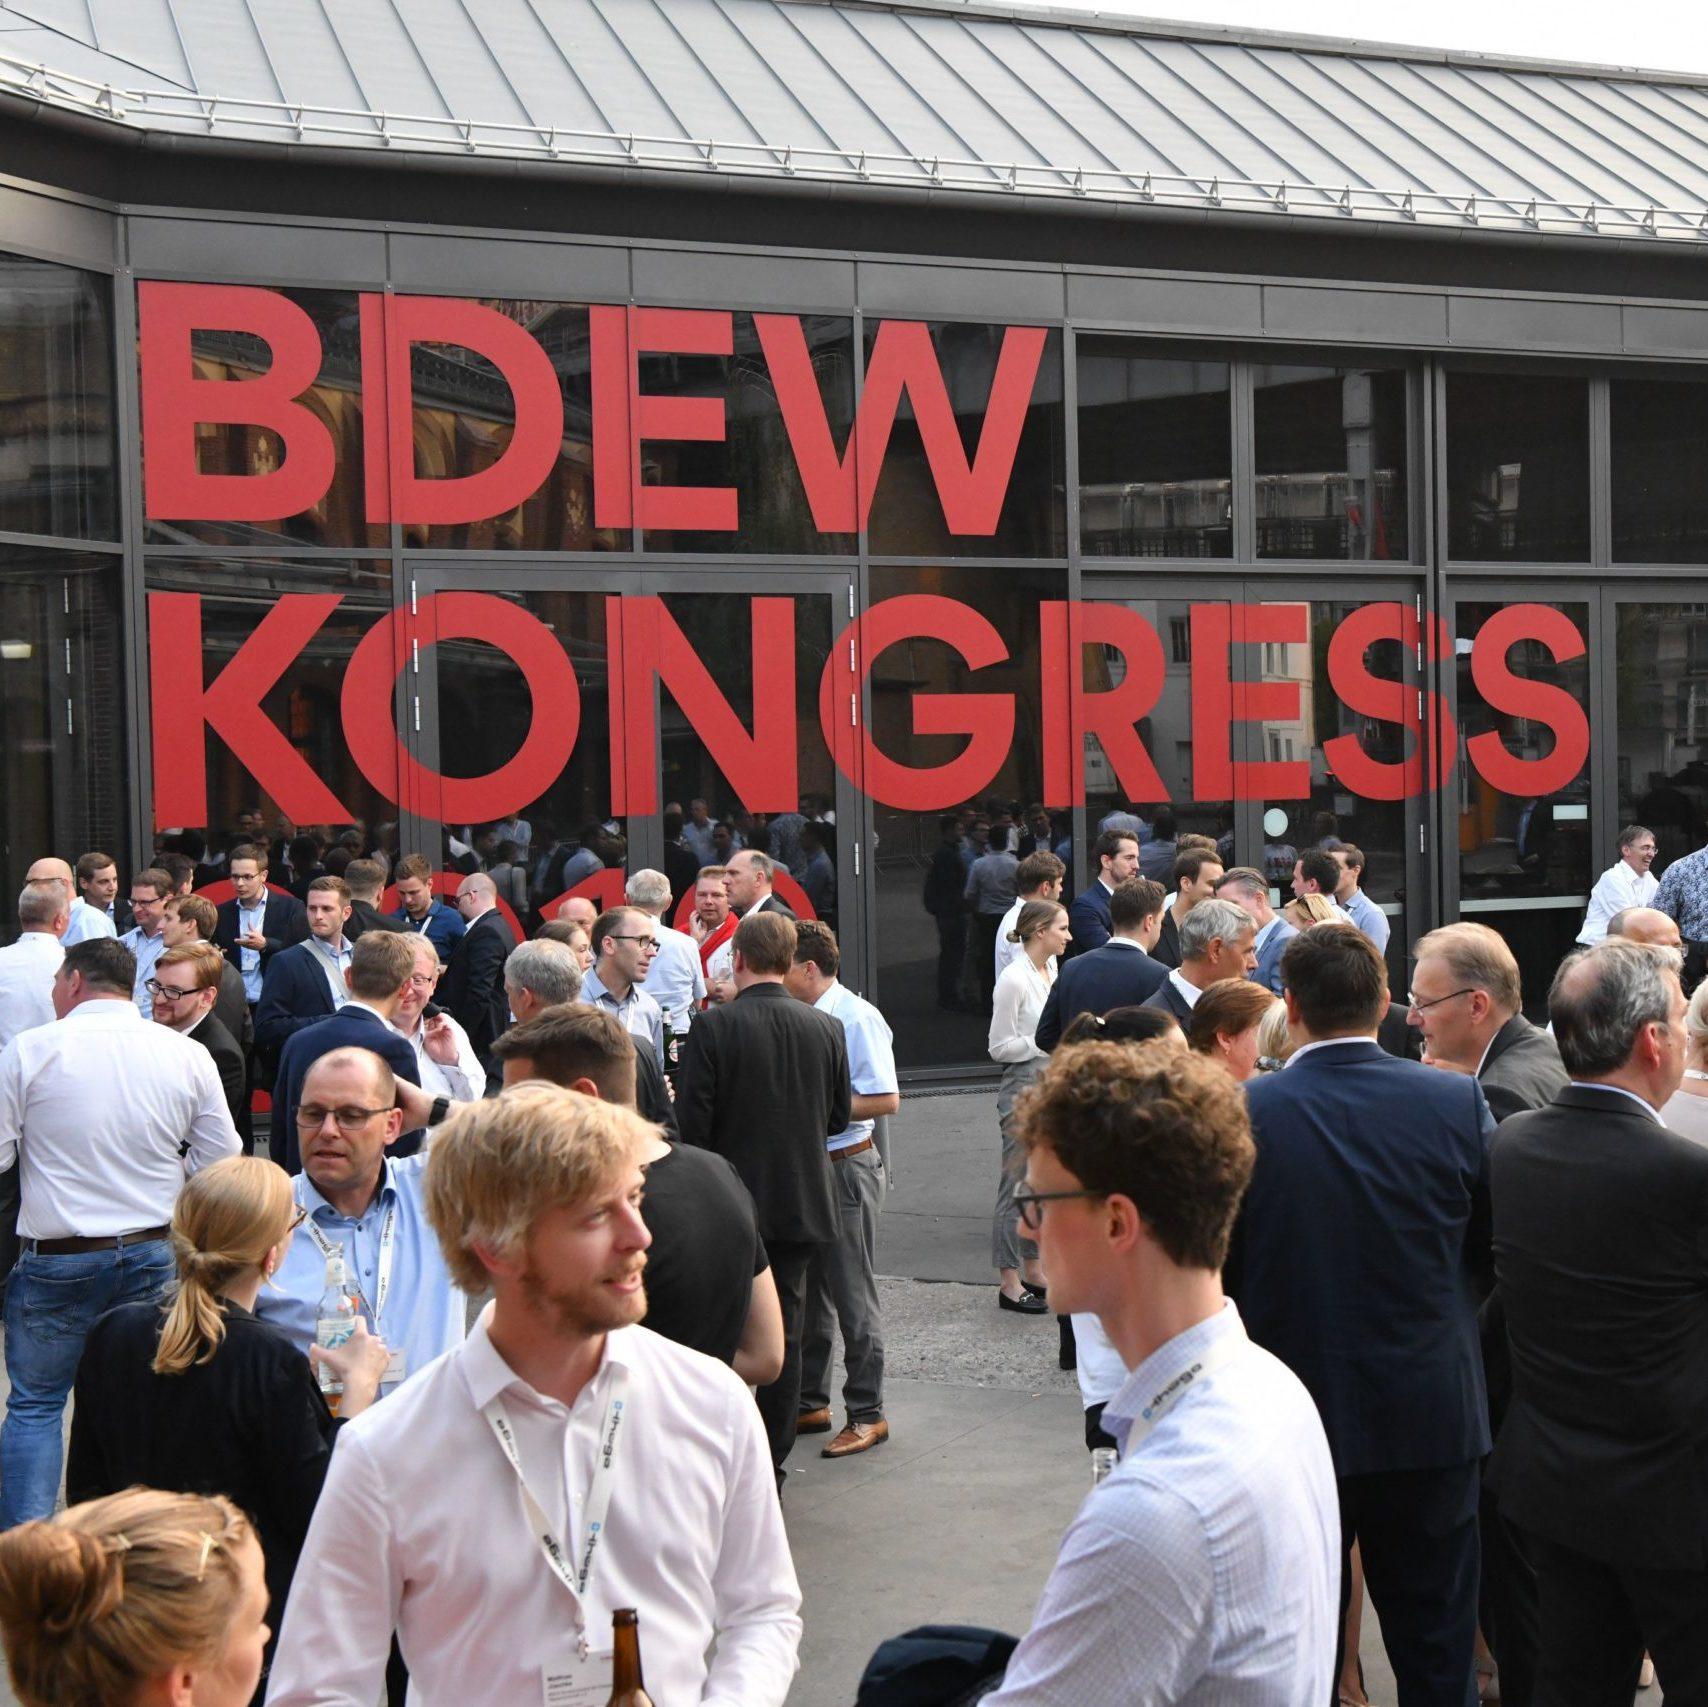 BDEW Kongress 2019 - Menschen vor Veranstaltungsort